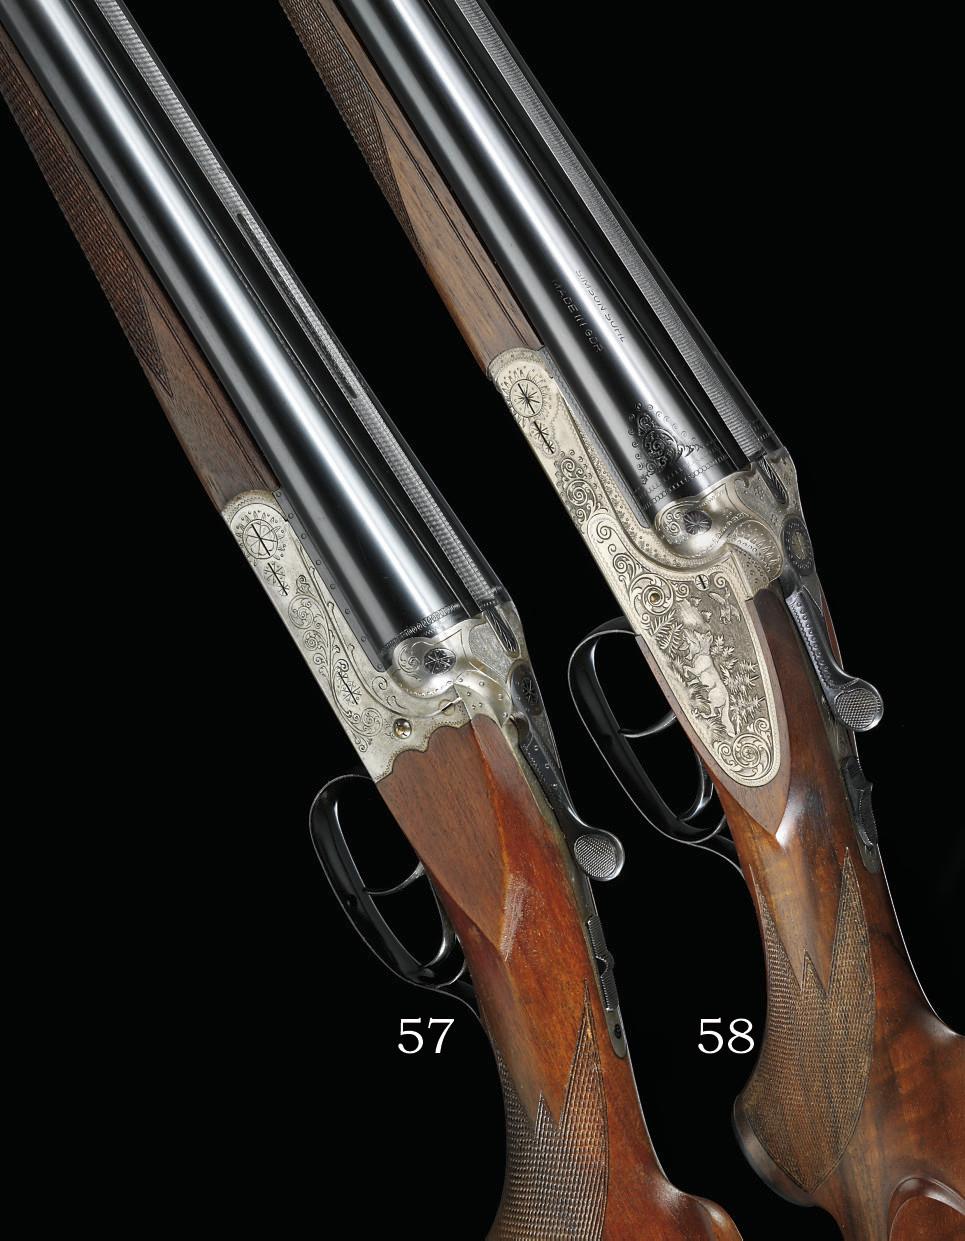 A 16-BORE BOXLOCK EJECTOR GUN BY SIMSON SUHL, NO. 272121